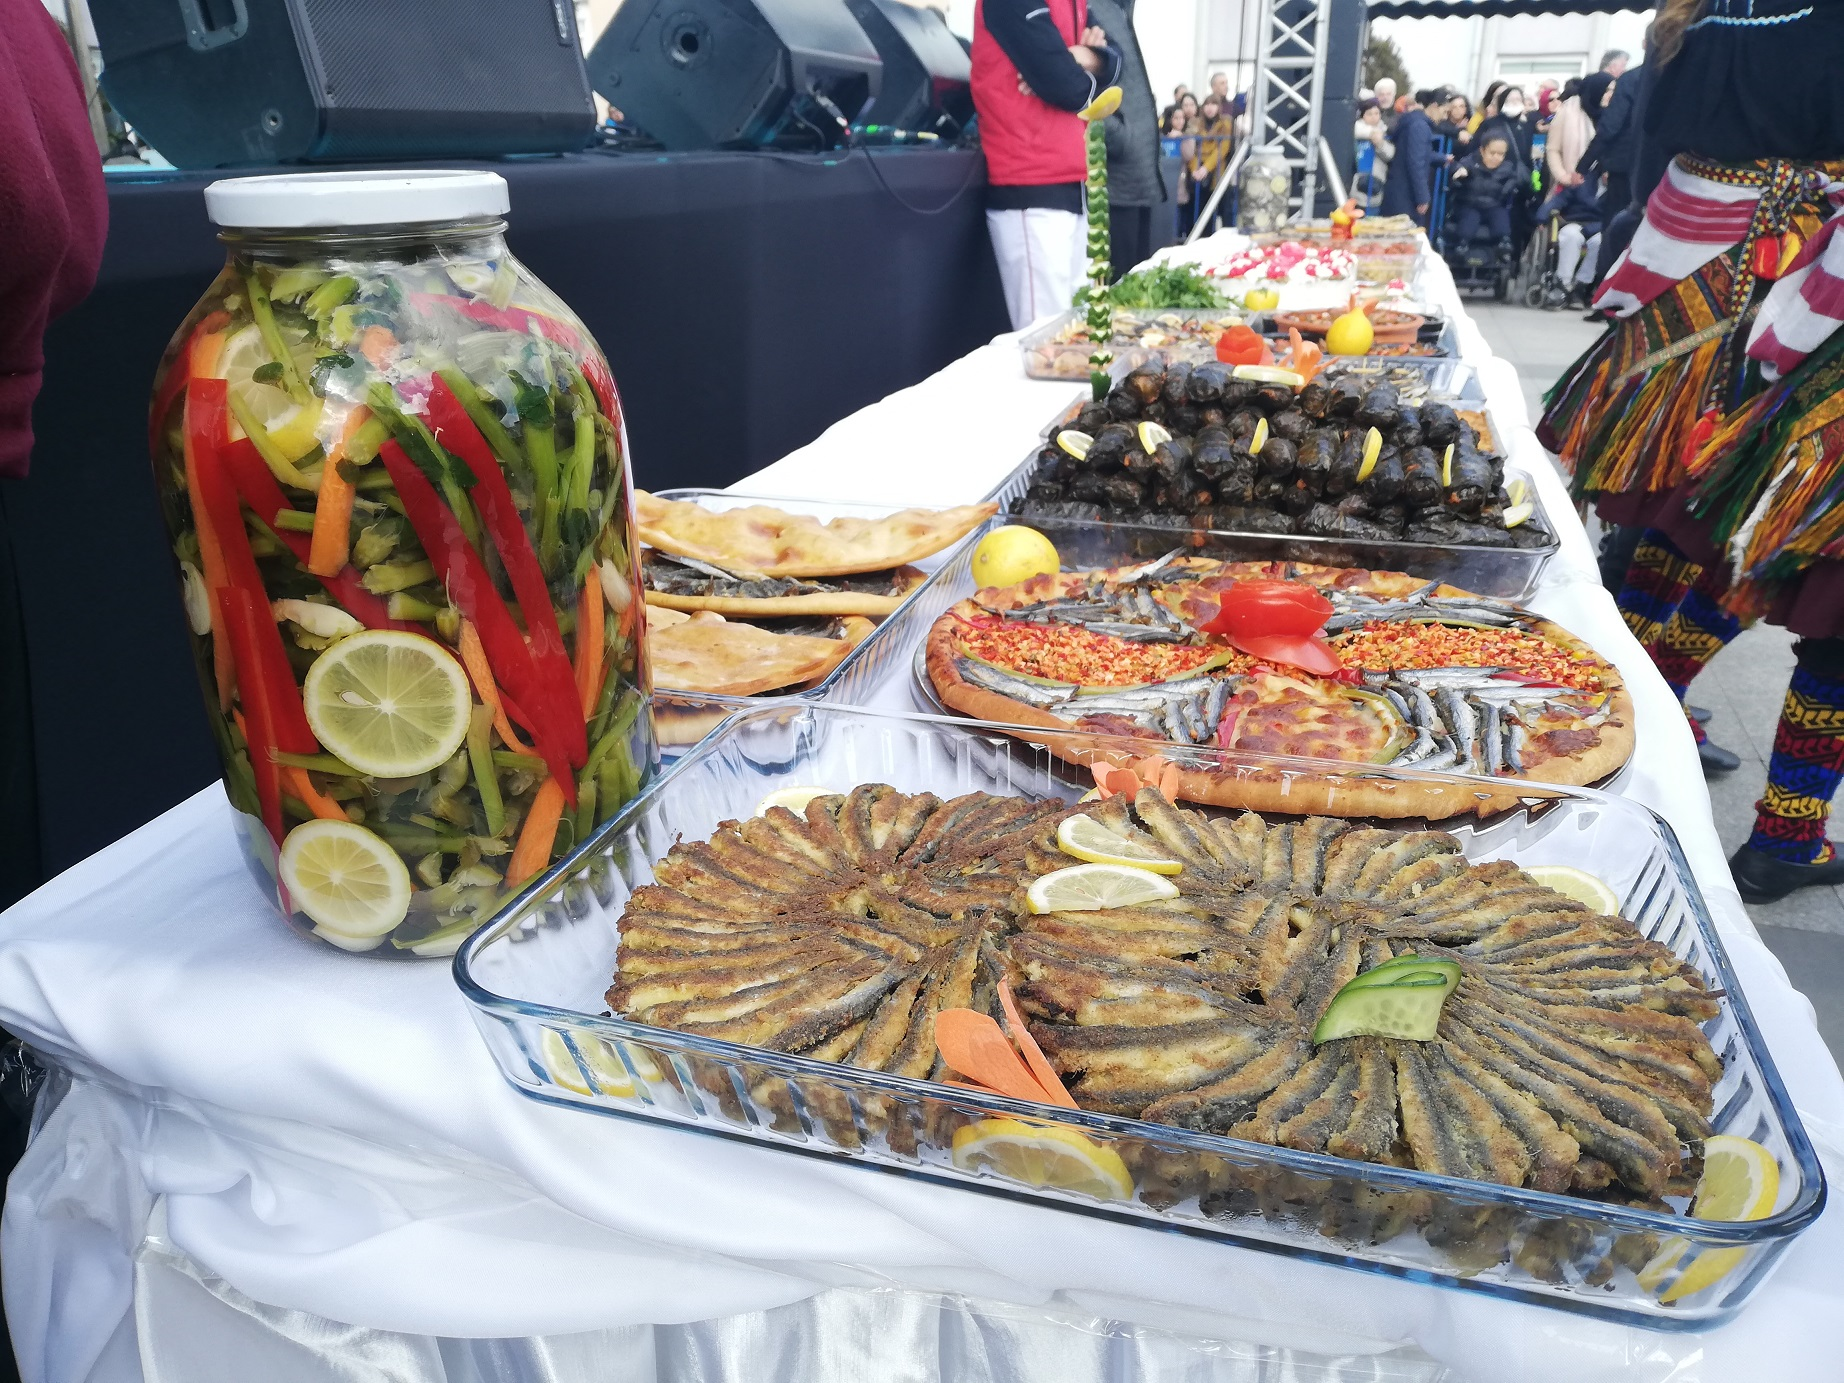 Bahçelievler'de ilk kez düzenlenen Hamsi Festivali'nde 3 ton balık tüketildi